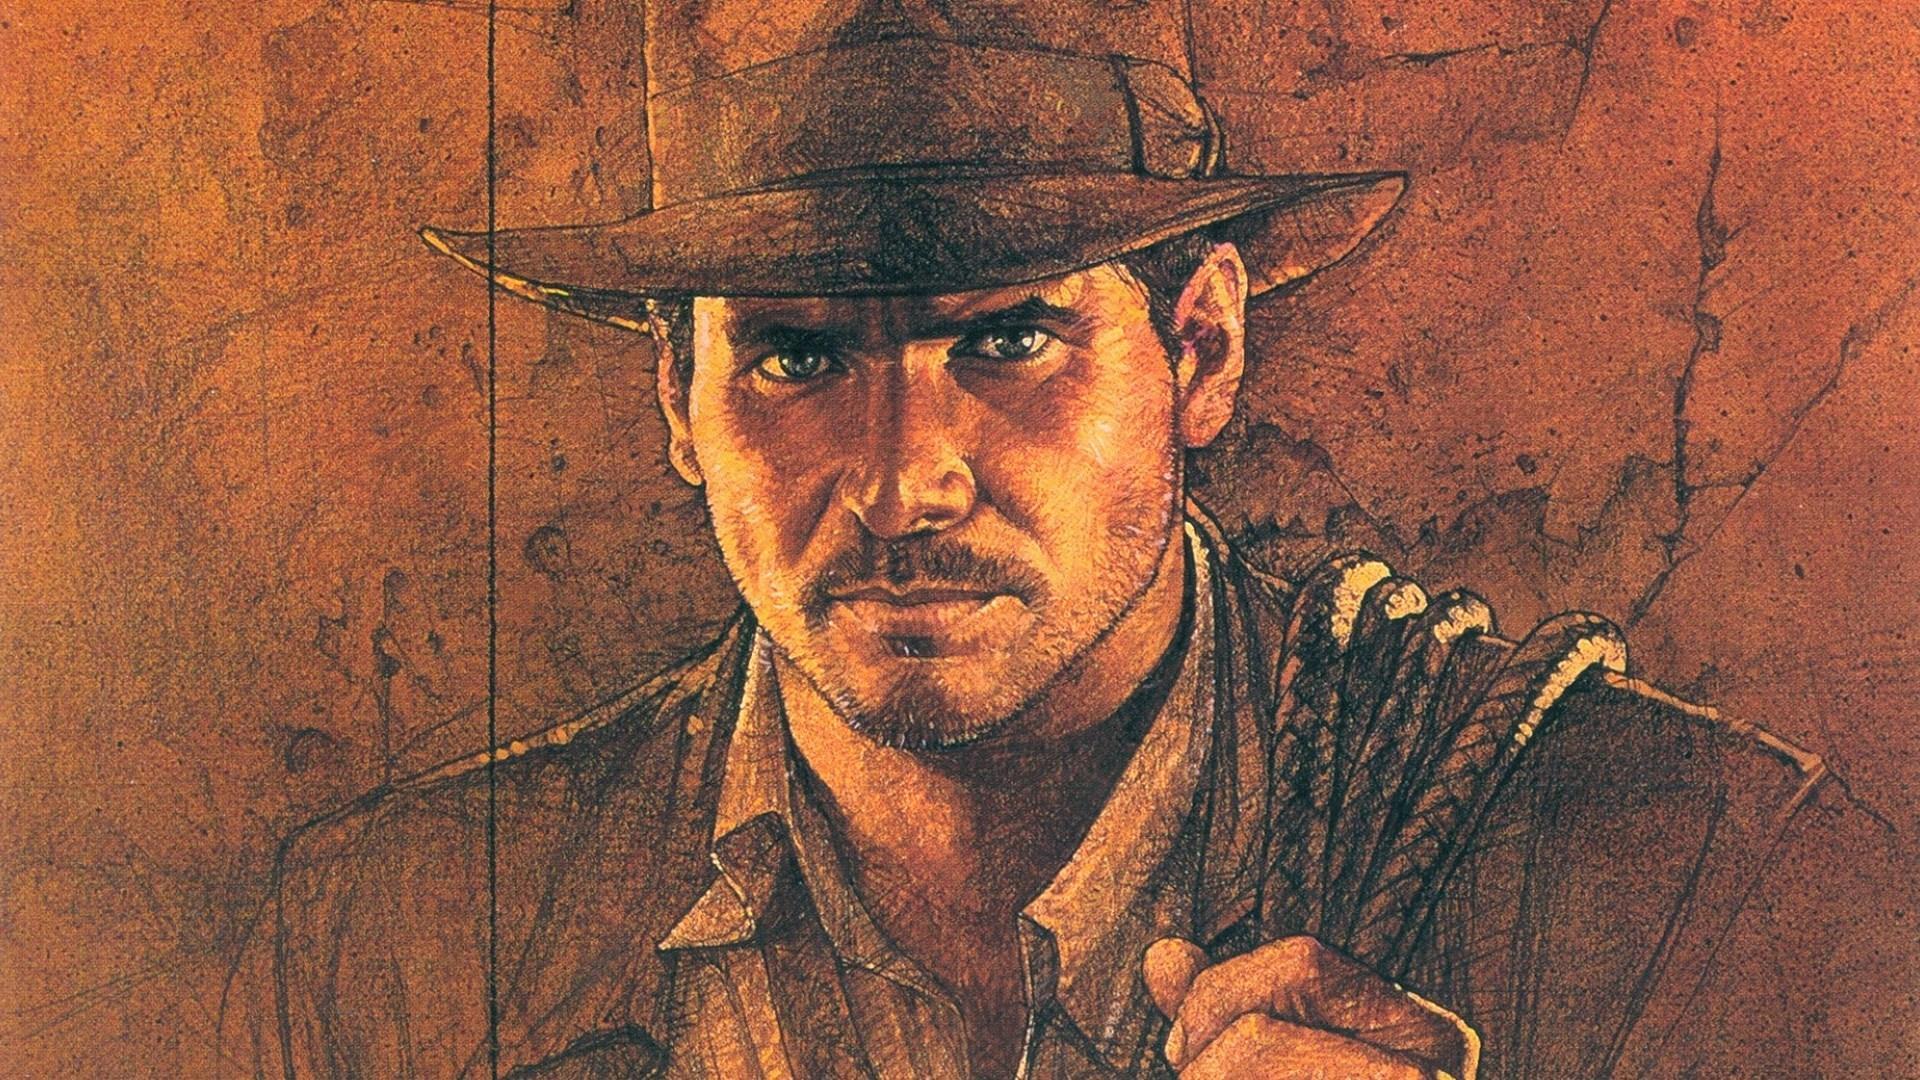 Bethesda анонсировала игру про Индиану Джонса. Её разработкой занимаются создатели Wolfenstein